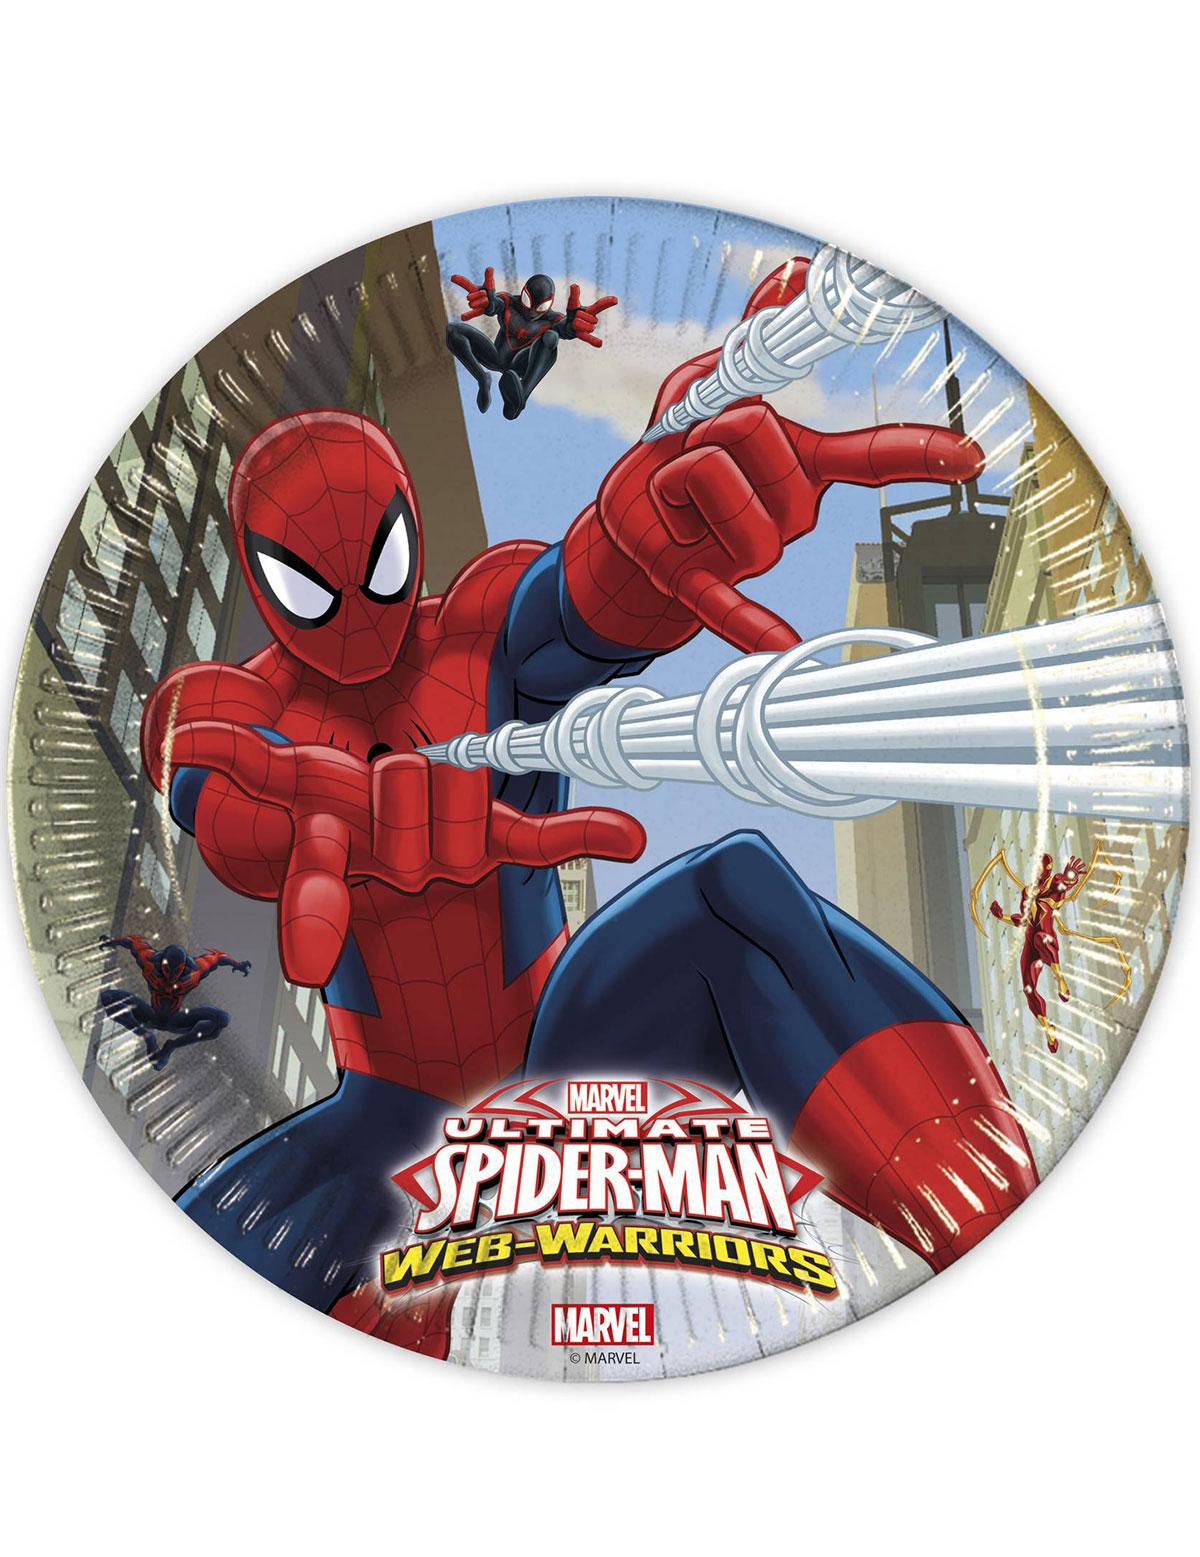 Maxi pack anniversaire spiderman d coration anniversaire et f tes th me sur vegaoo party - Deco anniversaire spiderman ...